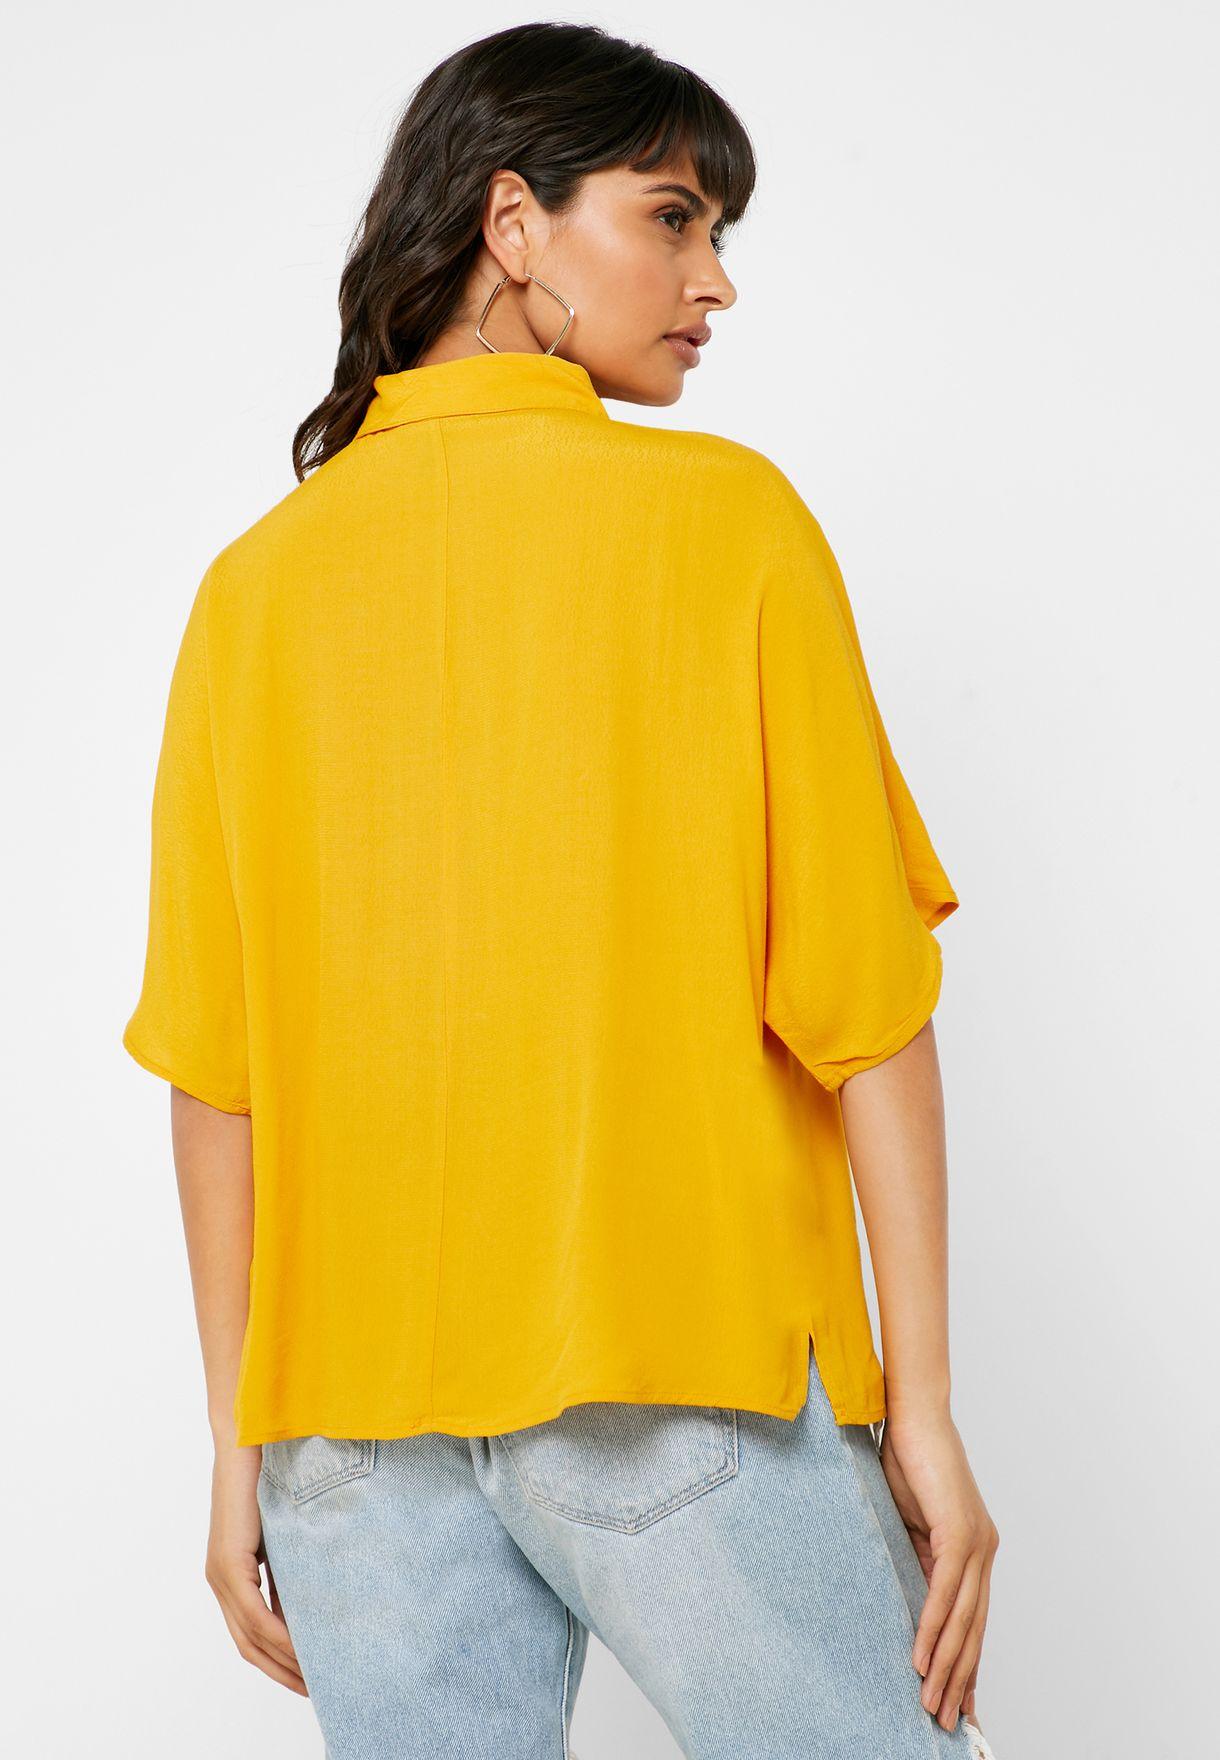 Boxy Short Sleeve Shirt